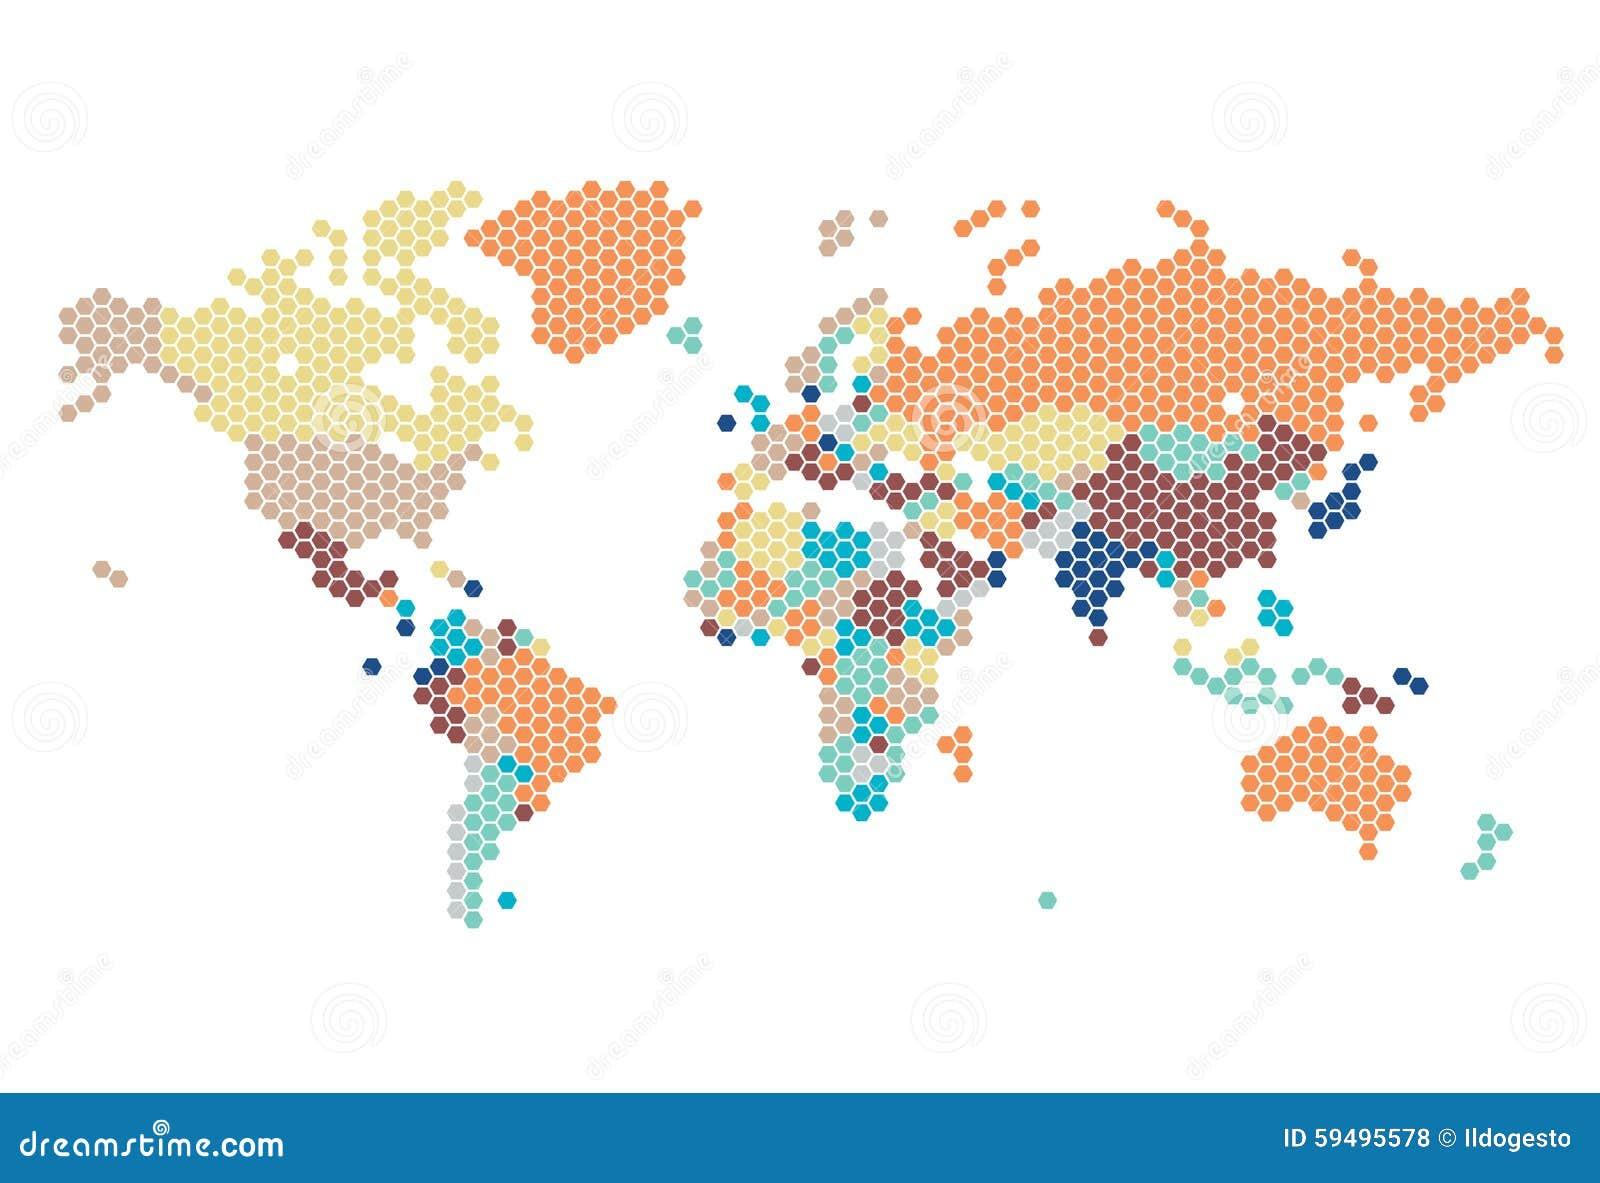 Διαστιγμένος παγκόσμιος χάρτης των εξαγωνικών σημείων